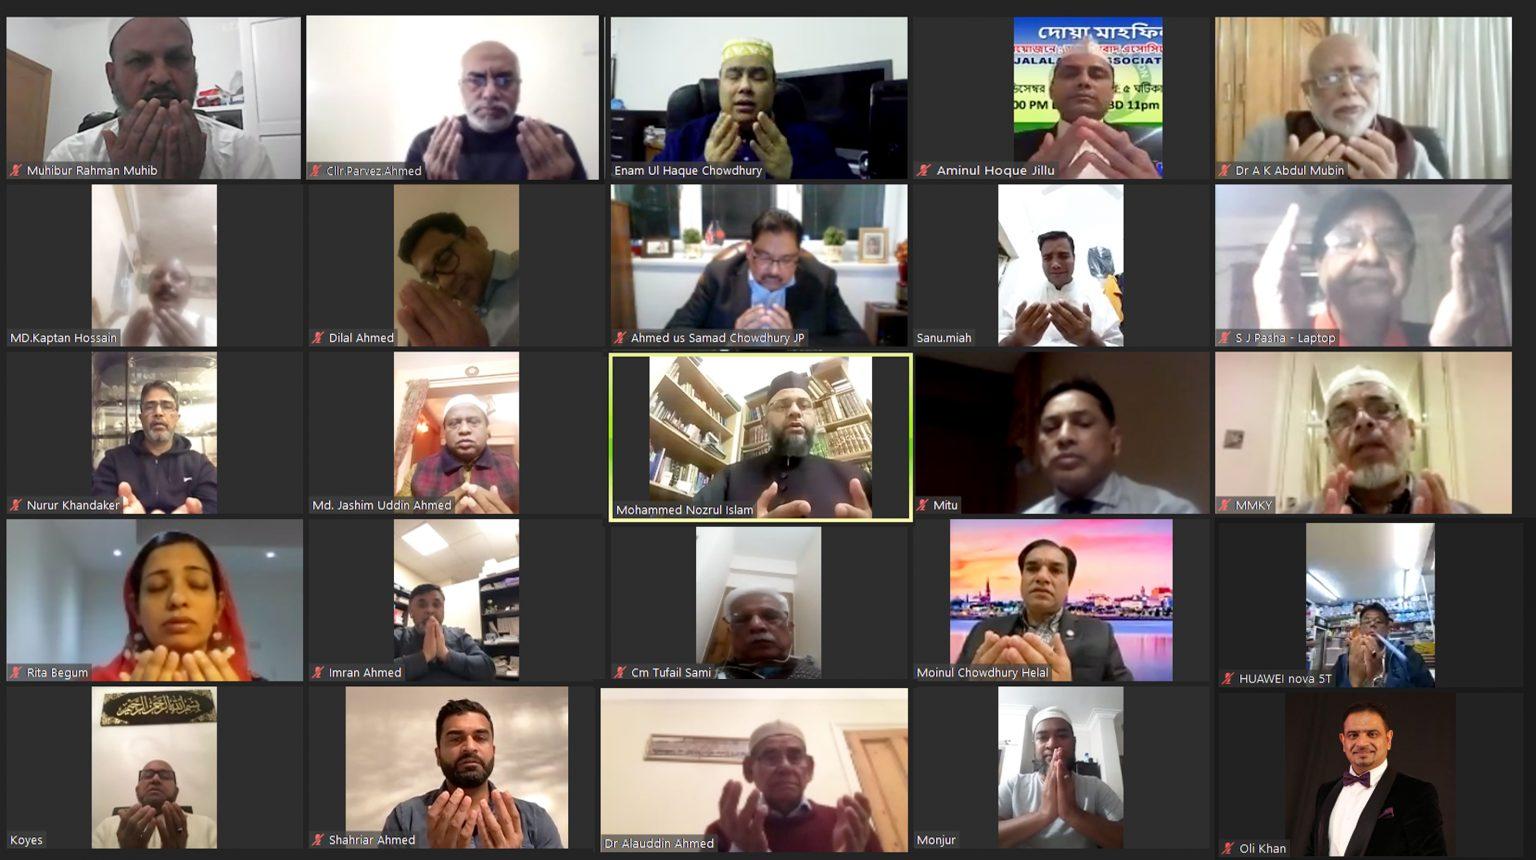 জালালাবাদ এসোসিয়েশন ইউকের দোয়া মাহফিল অনুষ্ঠিত